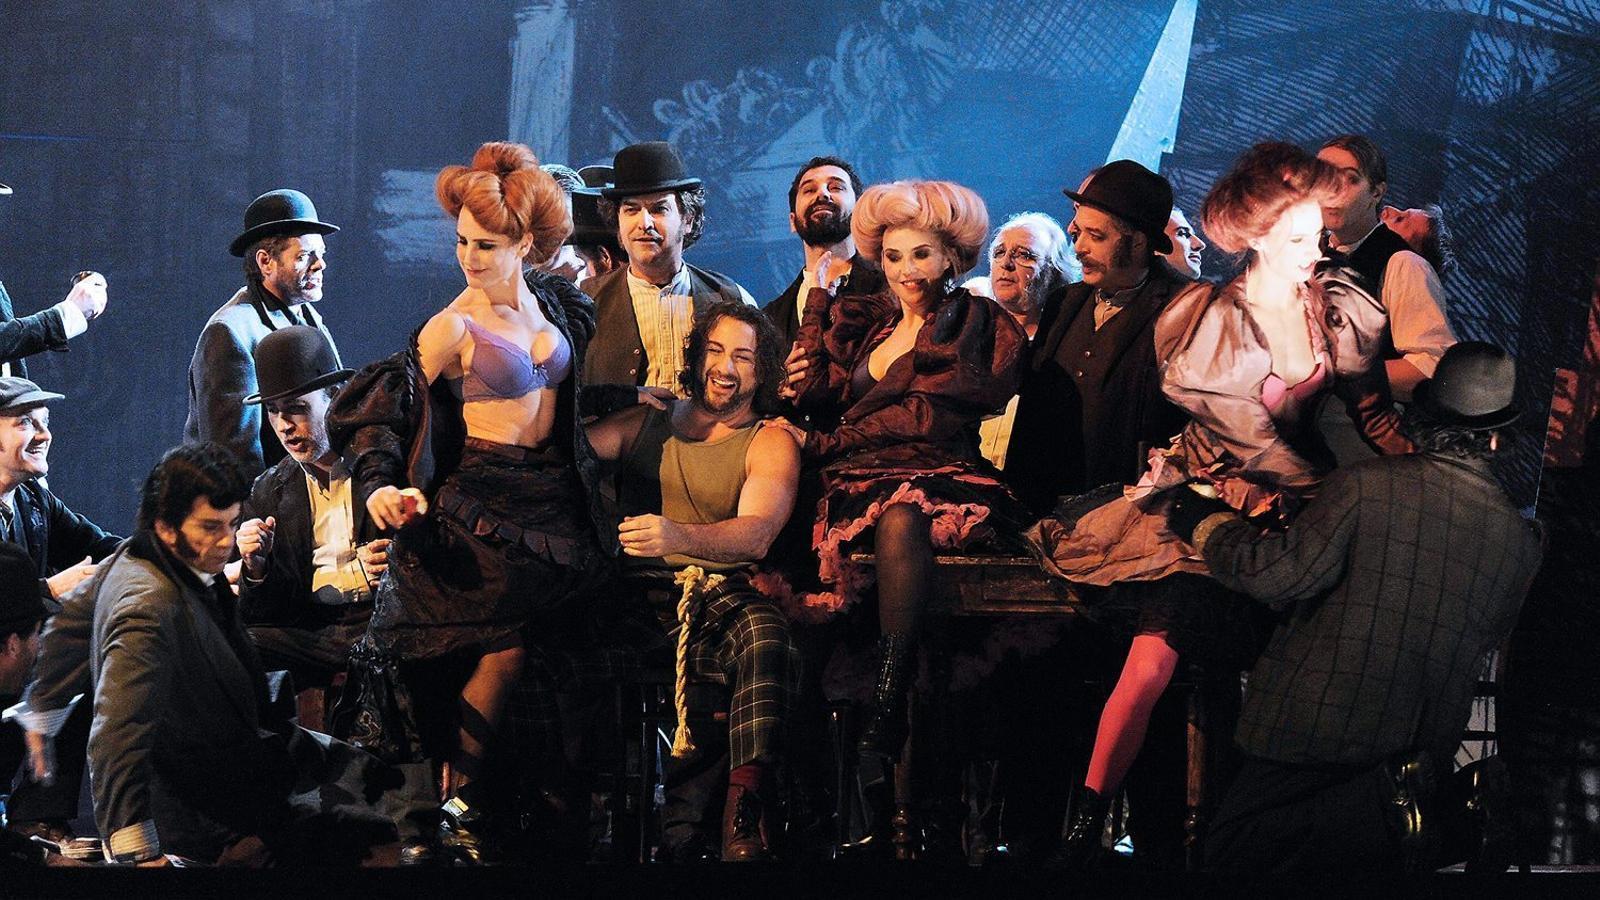 El tenor John Osborn, amb samarreta sense mànigues, a l'escenari del Liceu envoltat de part del repartiment de l'òpera Benvenuto Cellini.